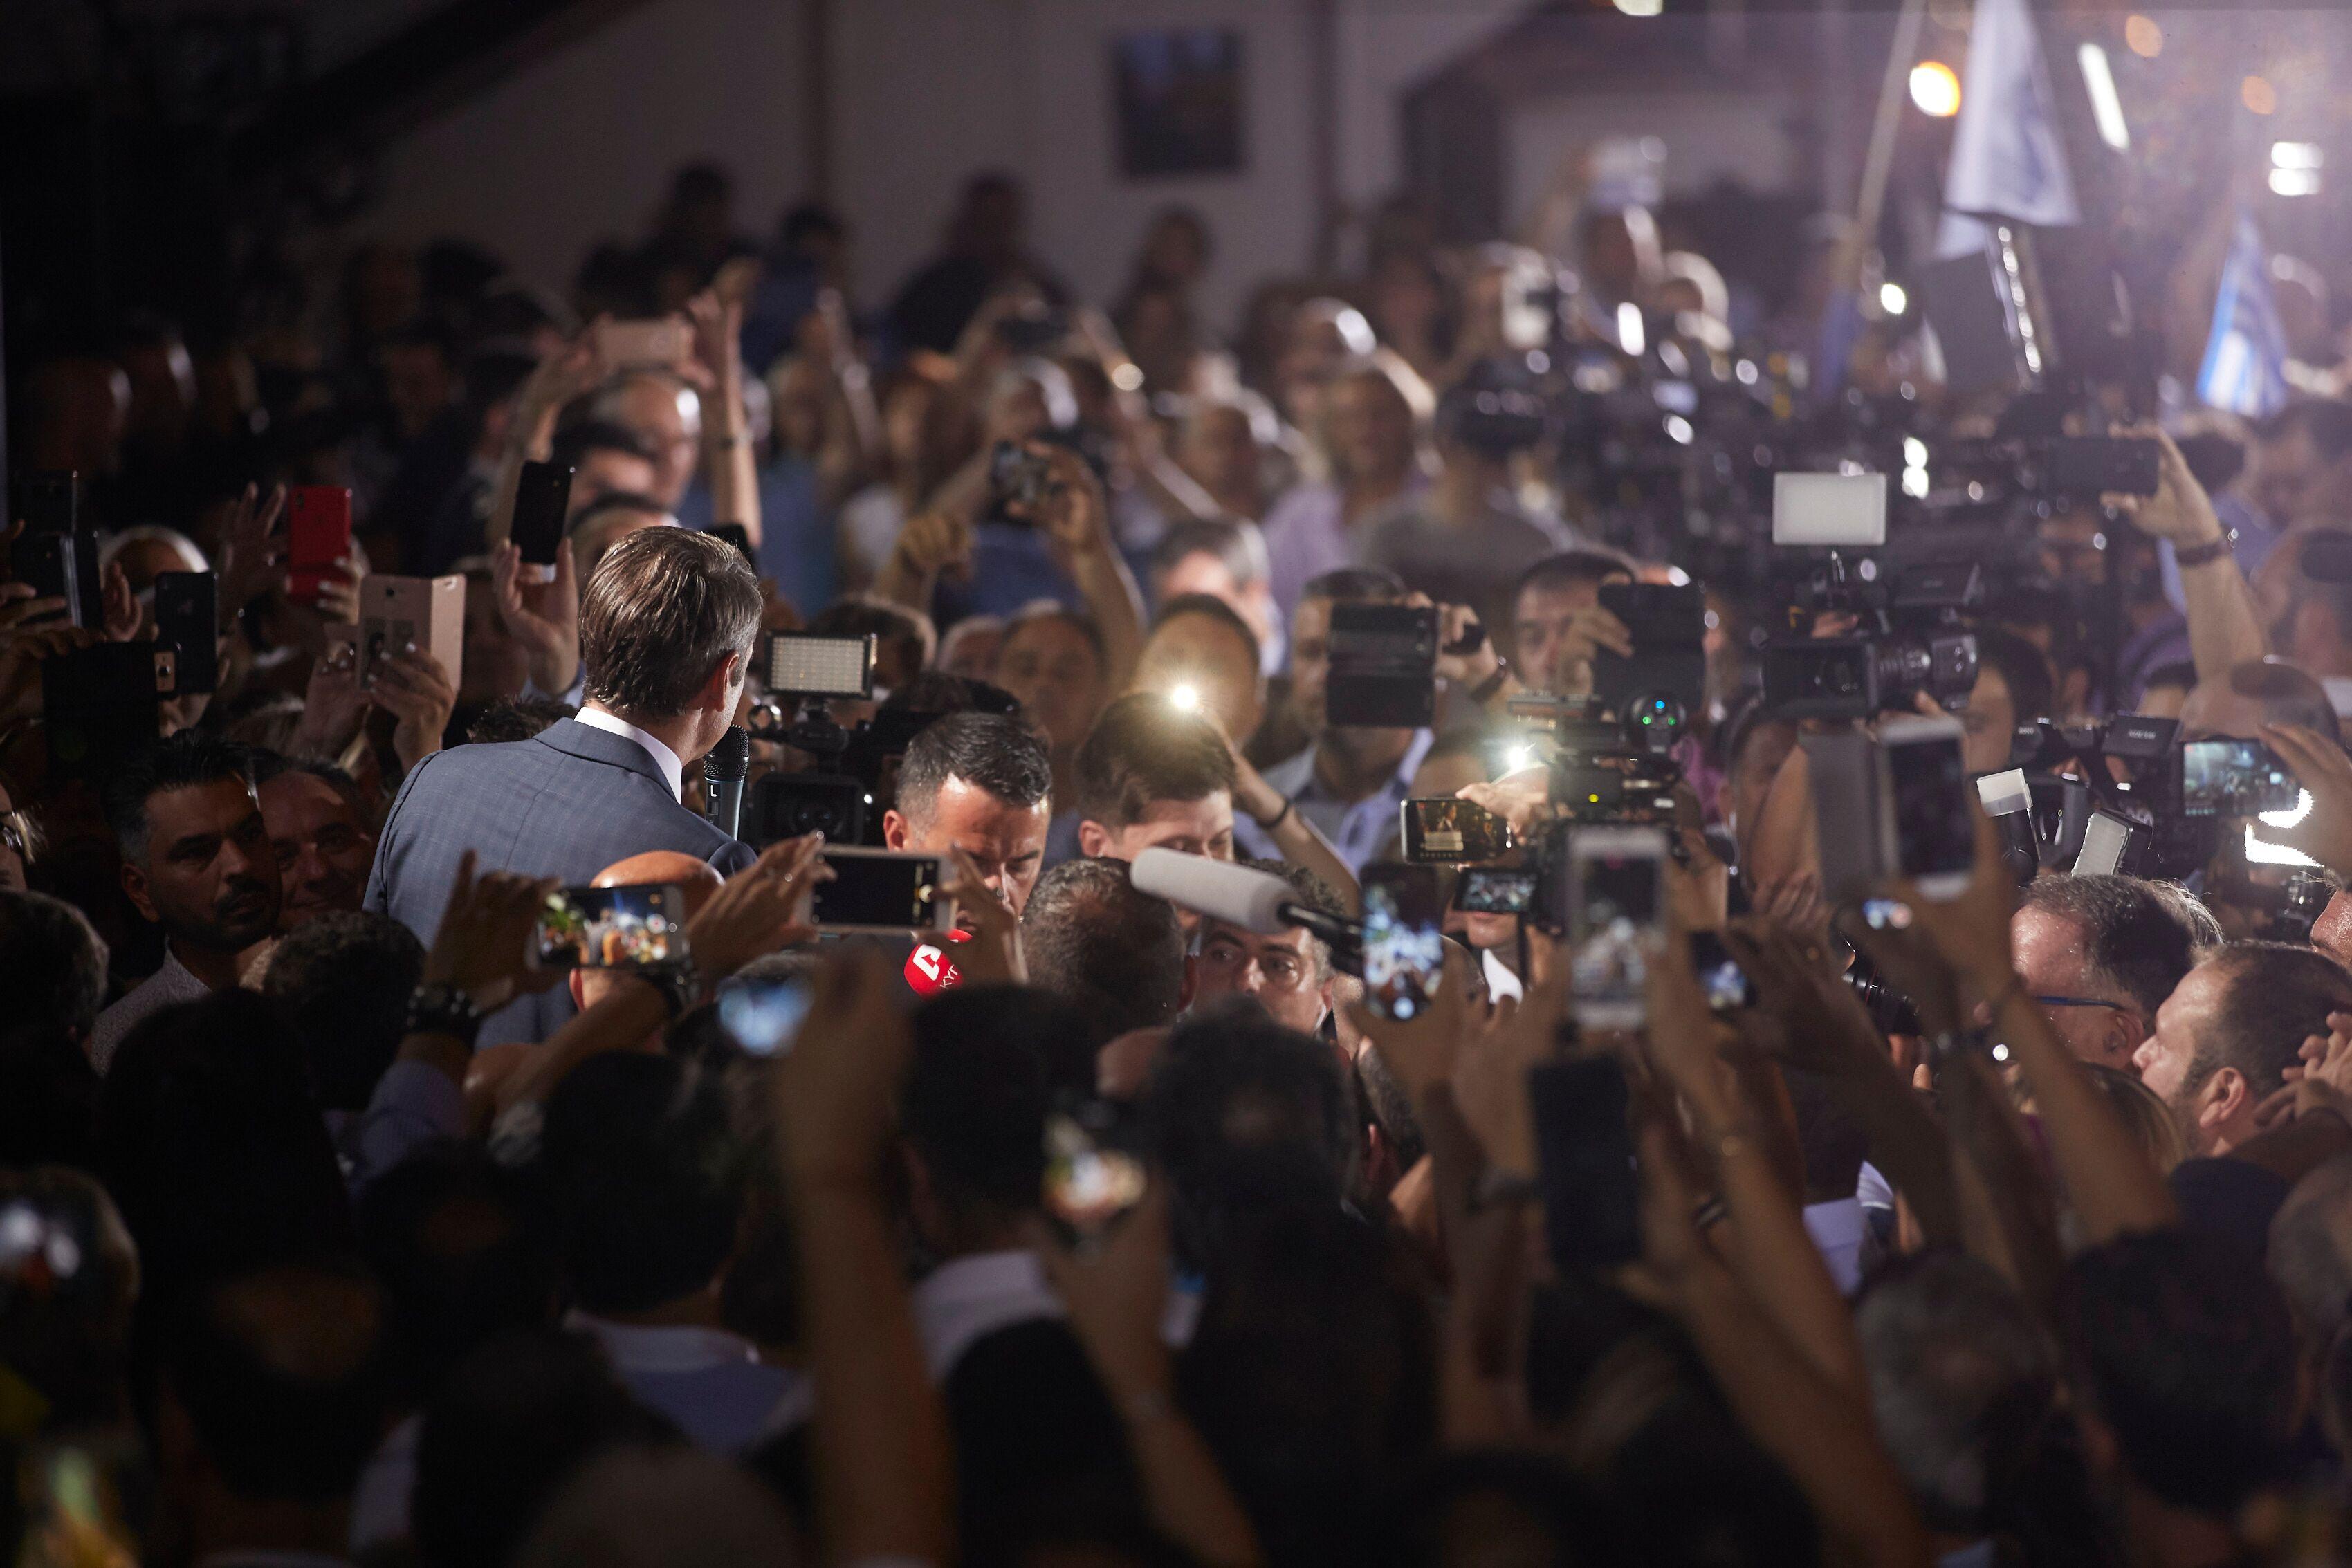 Αποθεώθηκε ο Μητσοτάκης στην Πειραιώς: Το «ευχαριστώ» του στους ψηφοφόρους της ΝΔ